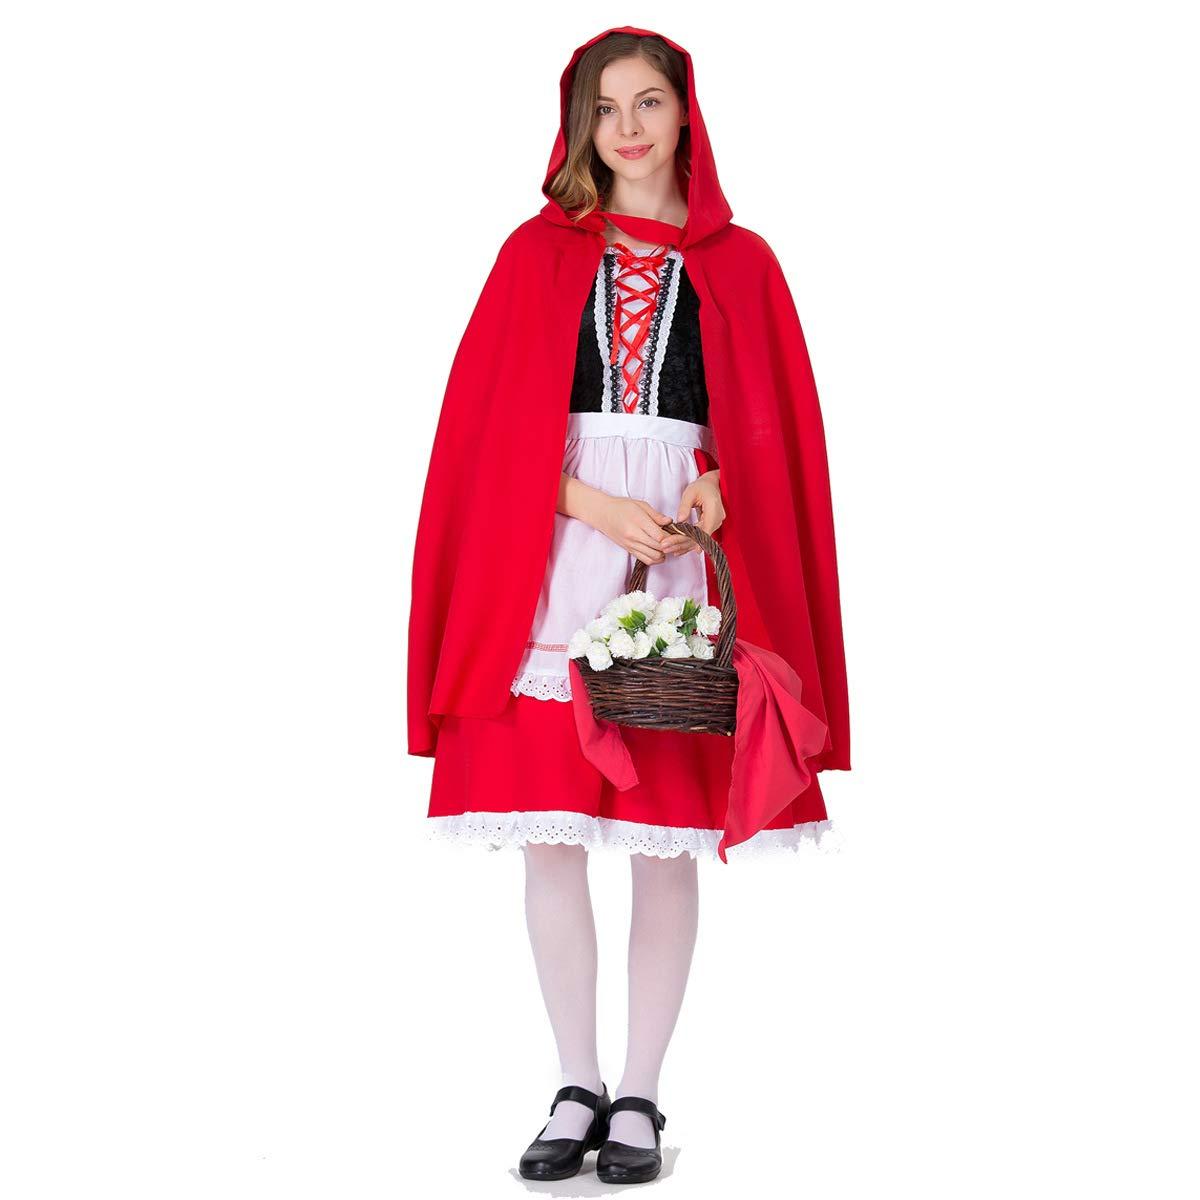 Halloween Cosplay Kostüm Adult Cosplay Rot Rotkäppchen Prinzessin Kleid Mit Mantel Kostümfest Kostüm Geeignet Für Karneval Thema Parteien B07HCYVRGY Kostüme für Erwachsene Glücklicher Startpunkt  | Haltbarkeit